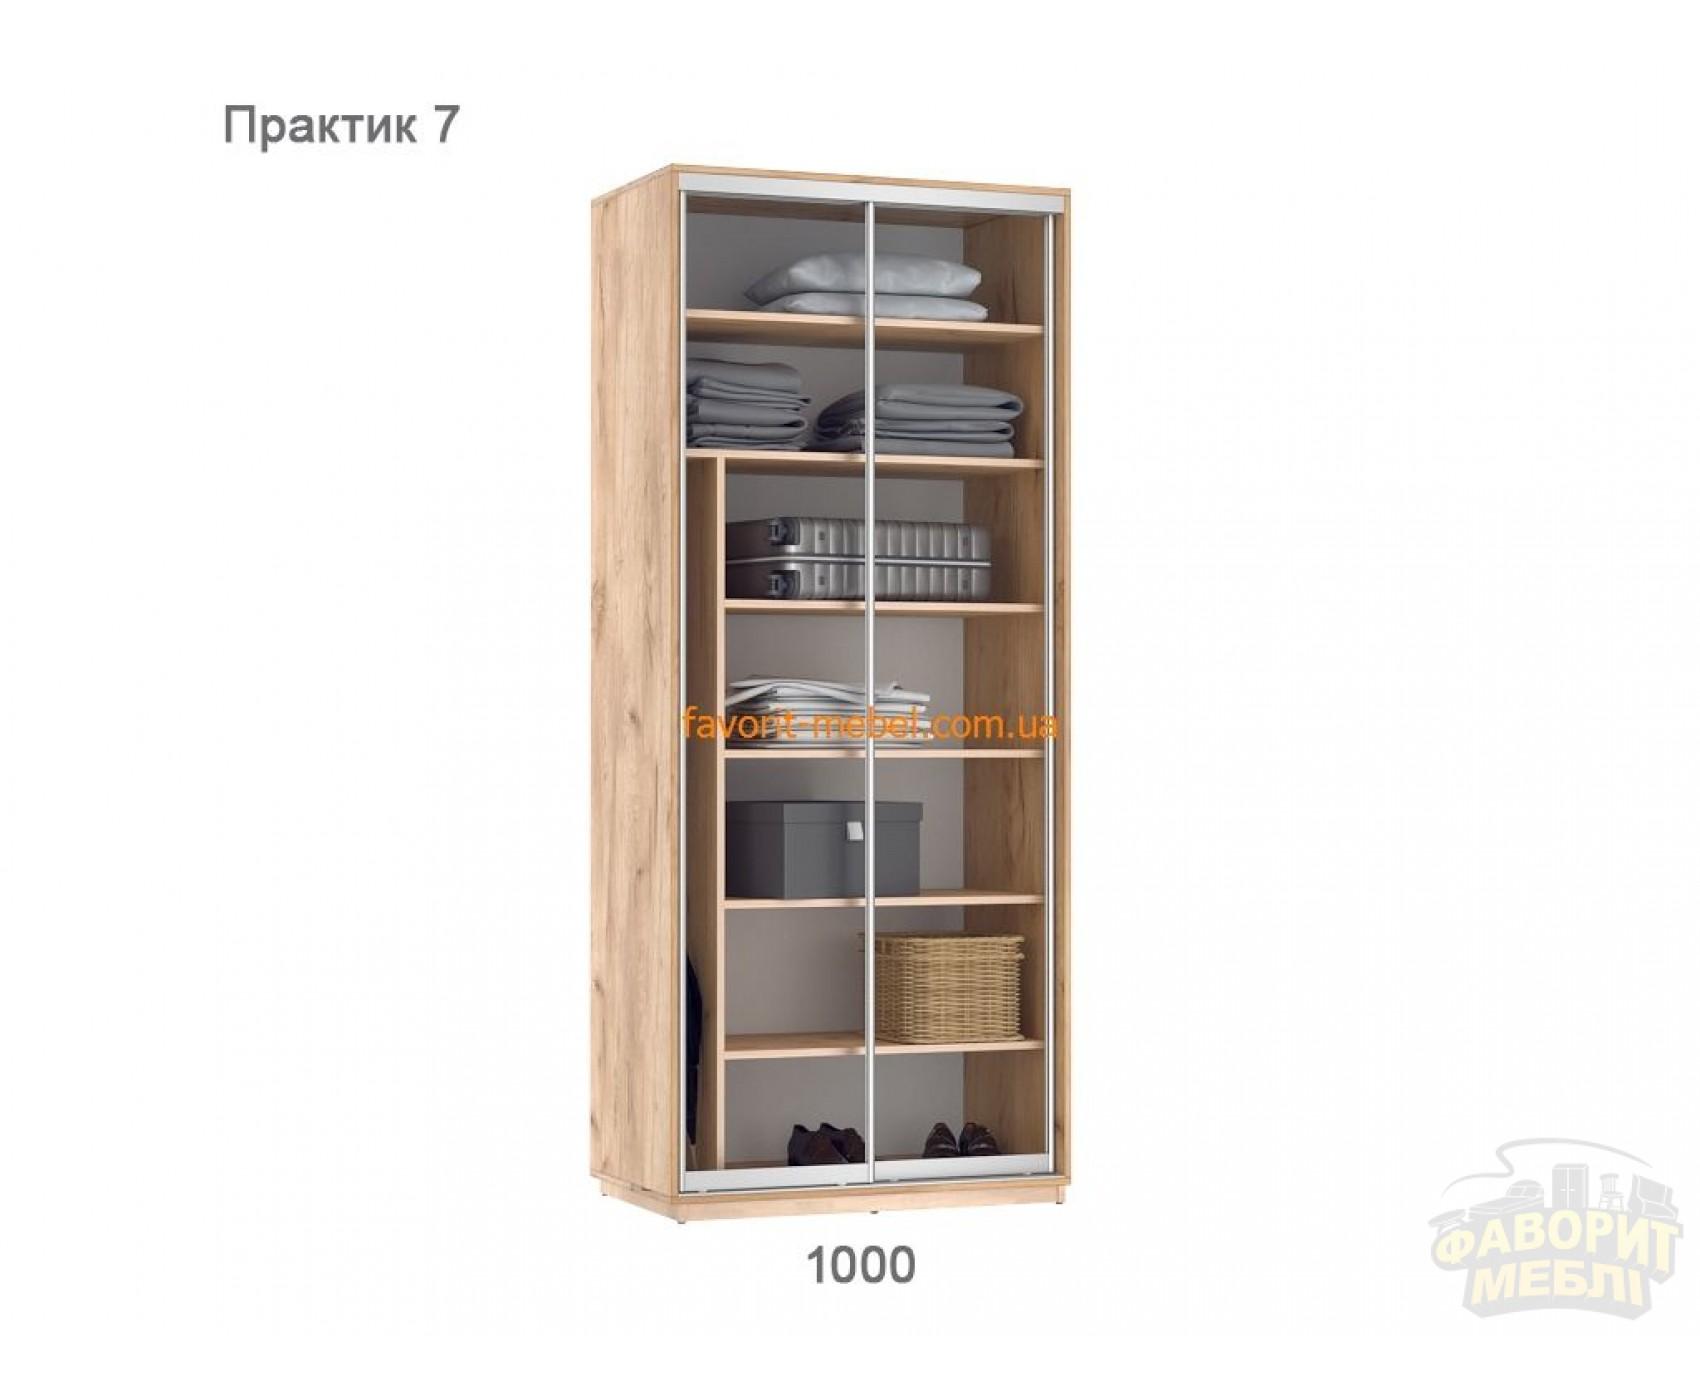 Шкаф купе Практик 7 (100х60х240 см)